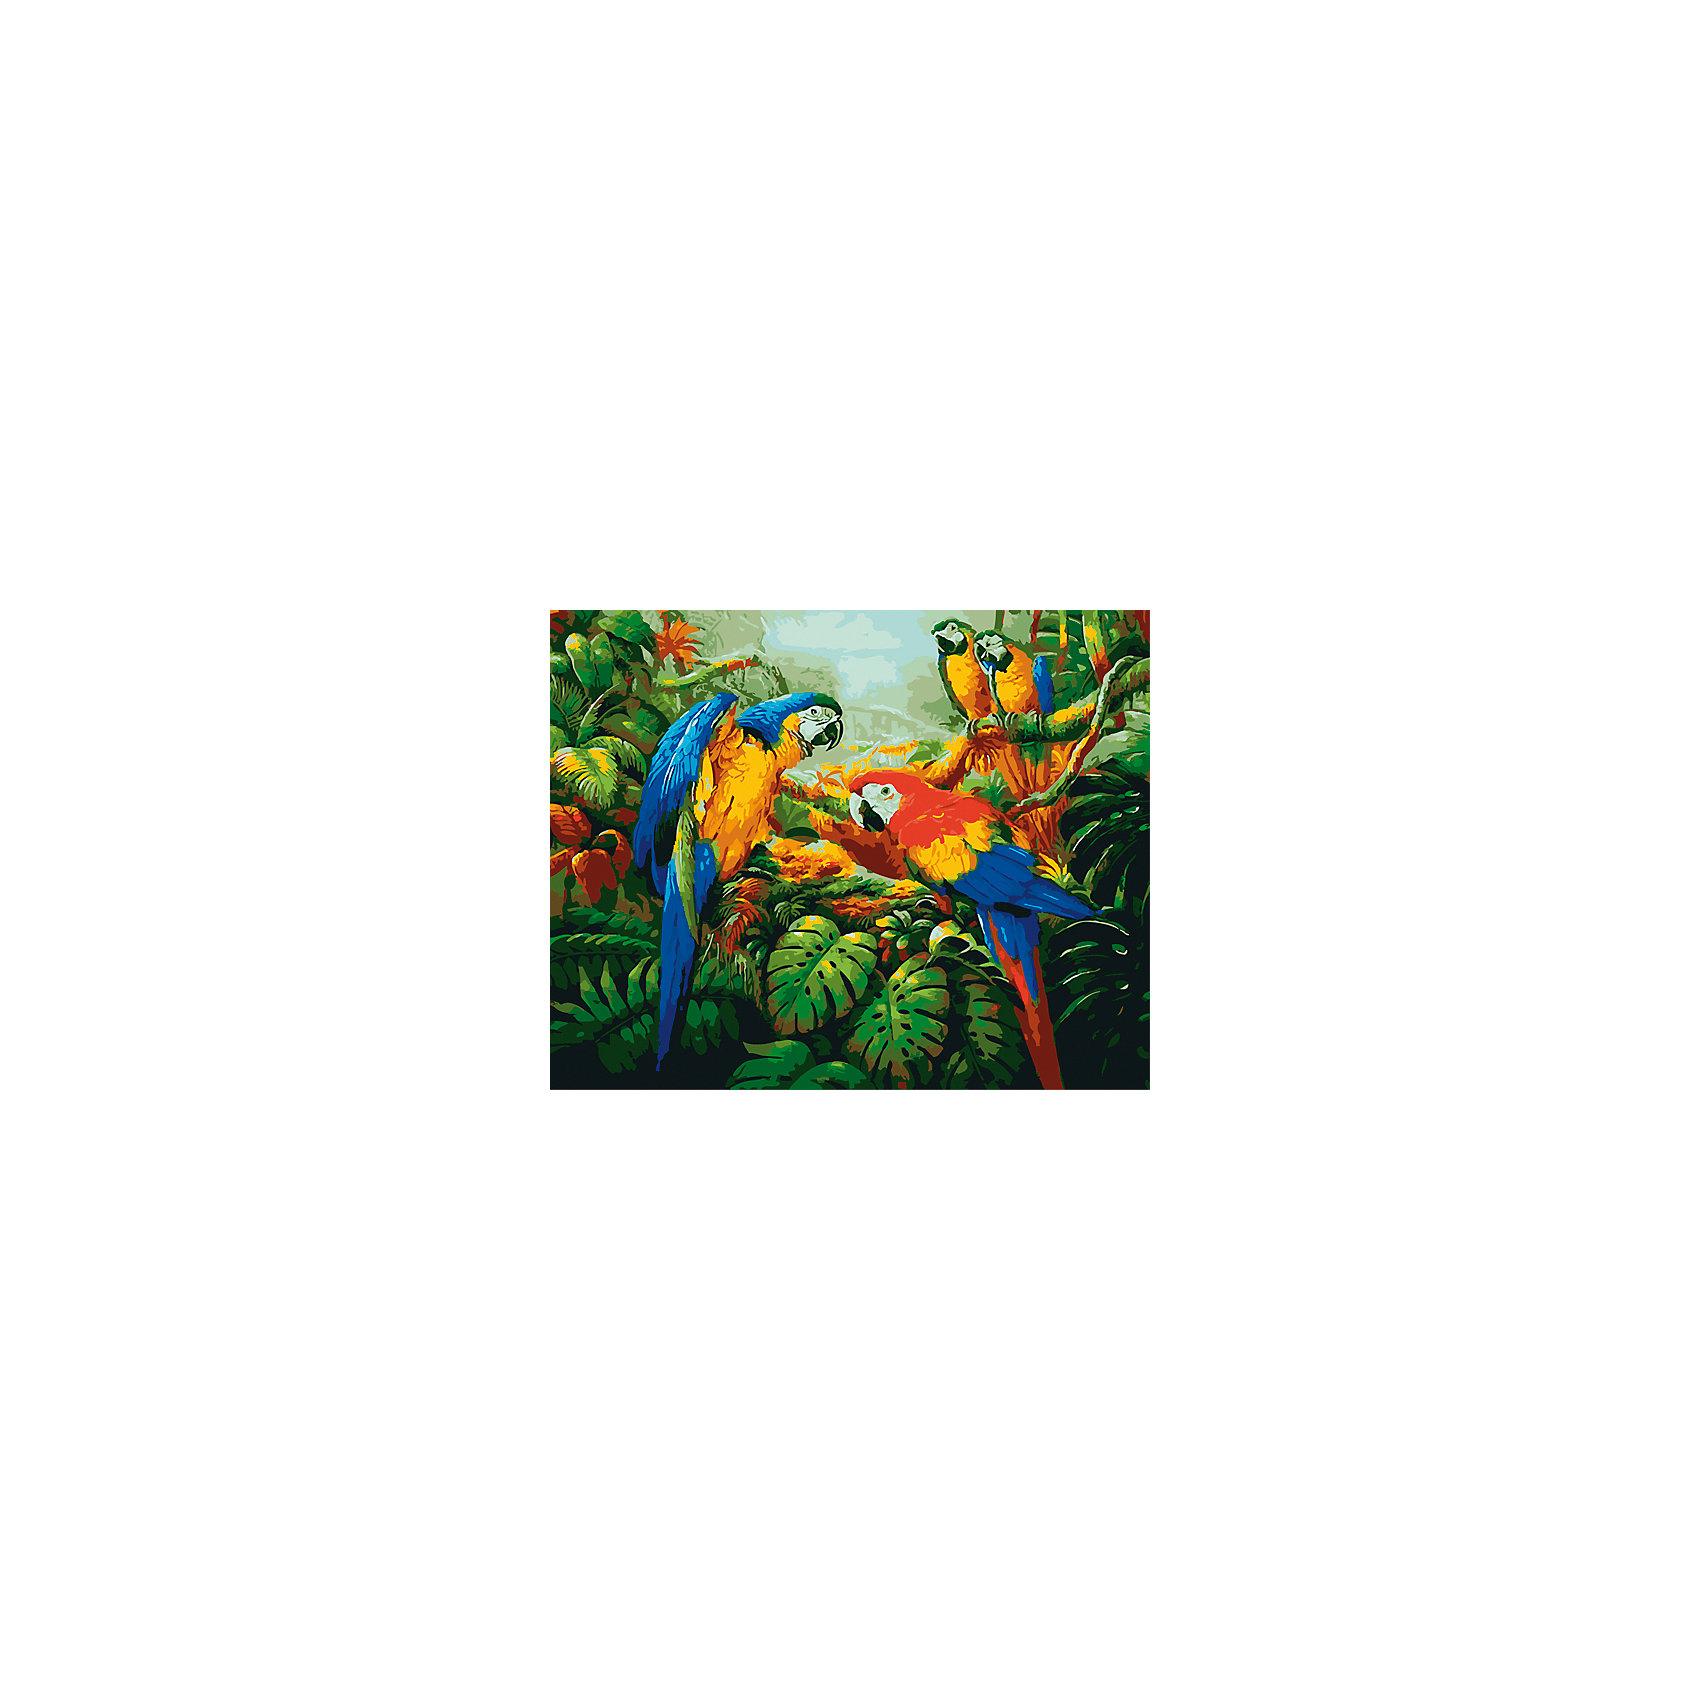 Холст с красками по номерам Яркие попугаи 40х50 смРисование<br>замечательные наборы для создания уникального шедевра изобразительного искусства. Создание картин на специально подготовленной рабочей поверхности – это уникальная техника, позволяющая делать Ваши шедевры более яркими и реалистичными. Просто нанесите мазки на уже готовый эскиз и оживите картину! Готовые изделия могут стать украшением интерьера или прекрасным подарком близким и друзьям.<br><br>Ширина мм: 510<br>Глубина мм: 410<br>Высота мм: 25<br>Вес г: 1800<br>Возраст от месяцев: 36<br>Возраст до месяцев: 108<br>Пол: Унисекс<br>Возраст: Детский<br>SKU: 5096790